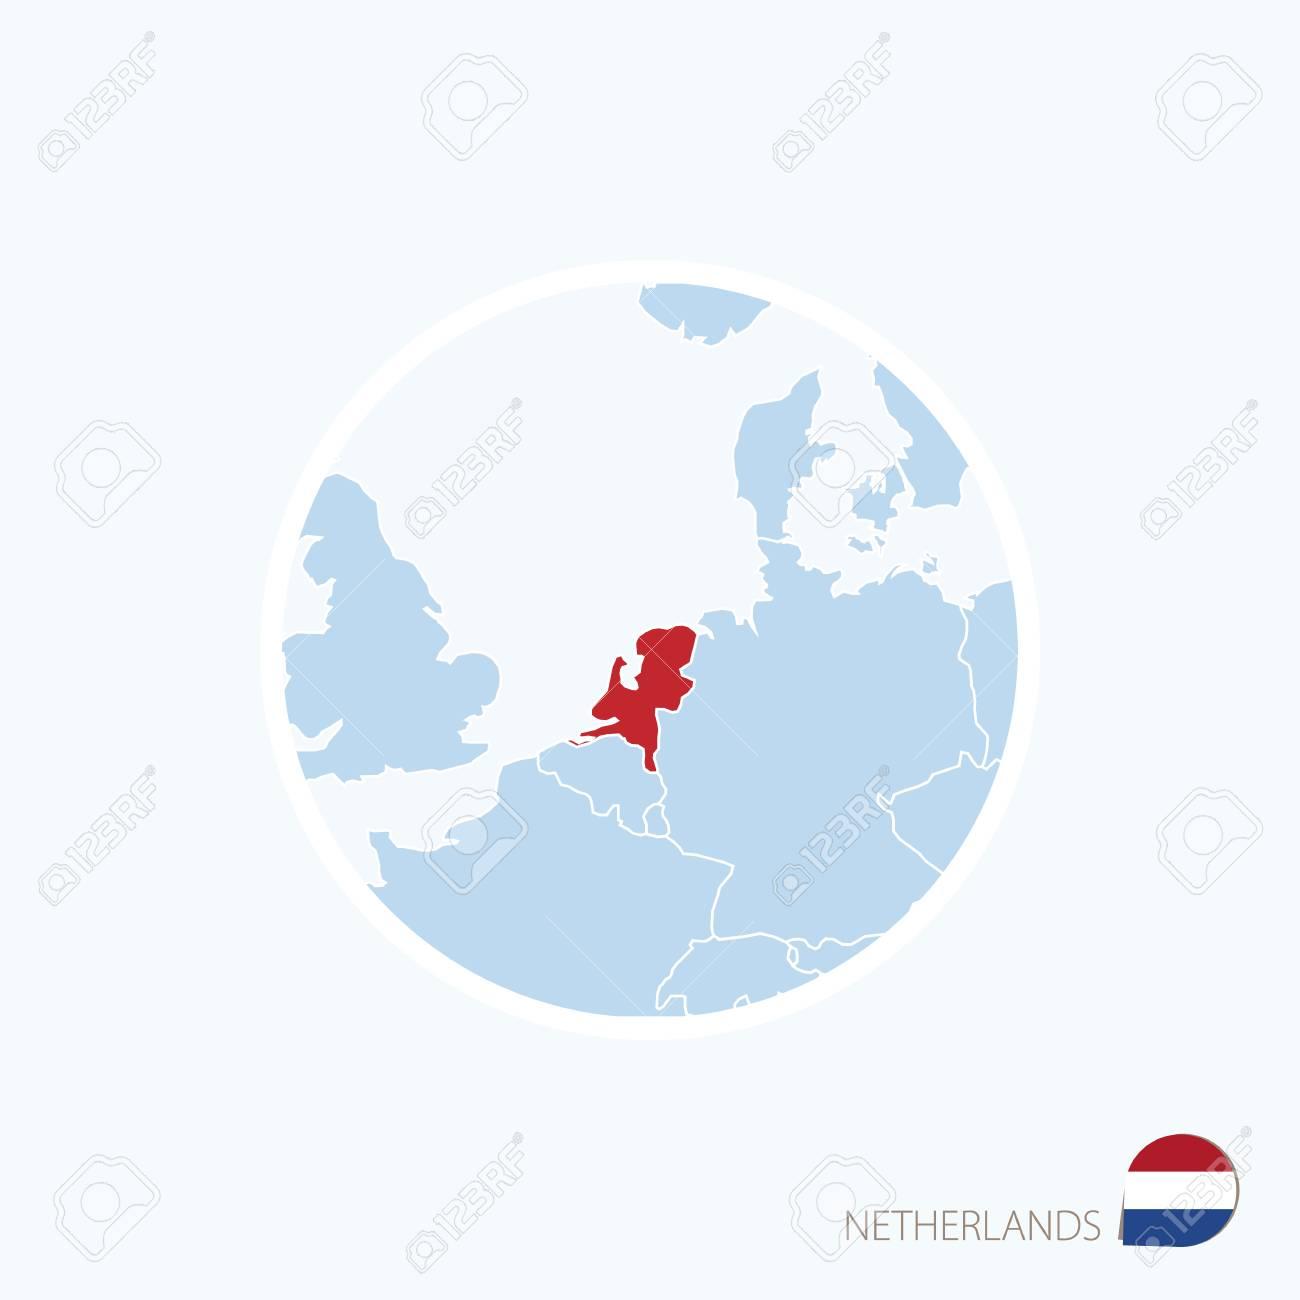 Carte Europe Pays Bas.Carte Bleue De L Europe Avec Les Pays Bas En Surbrillance En